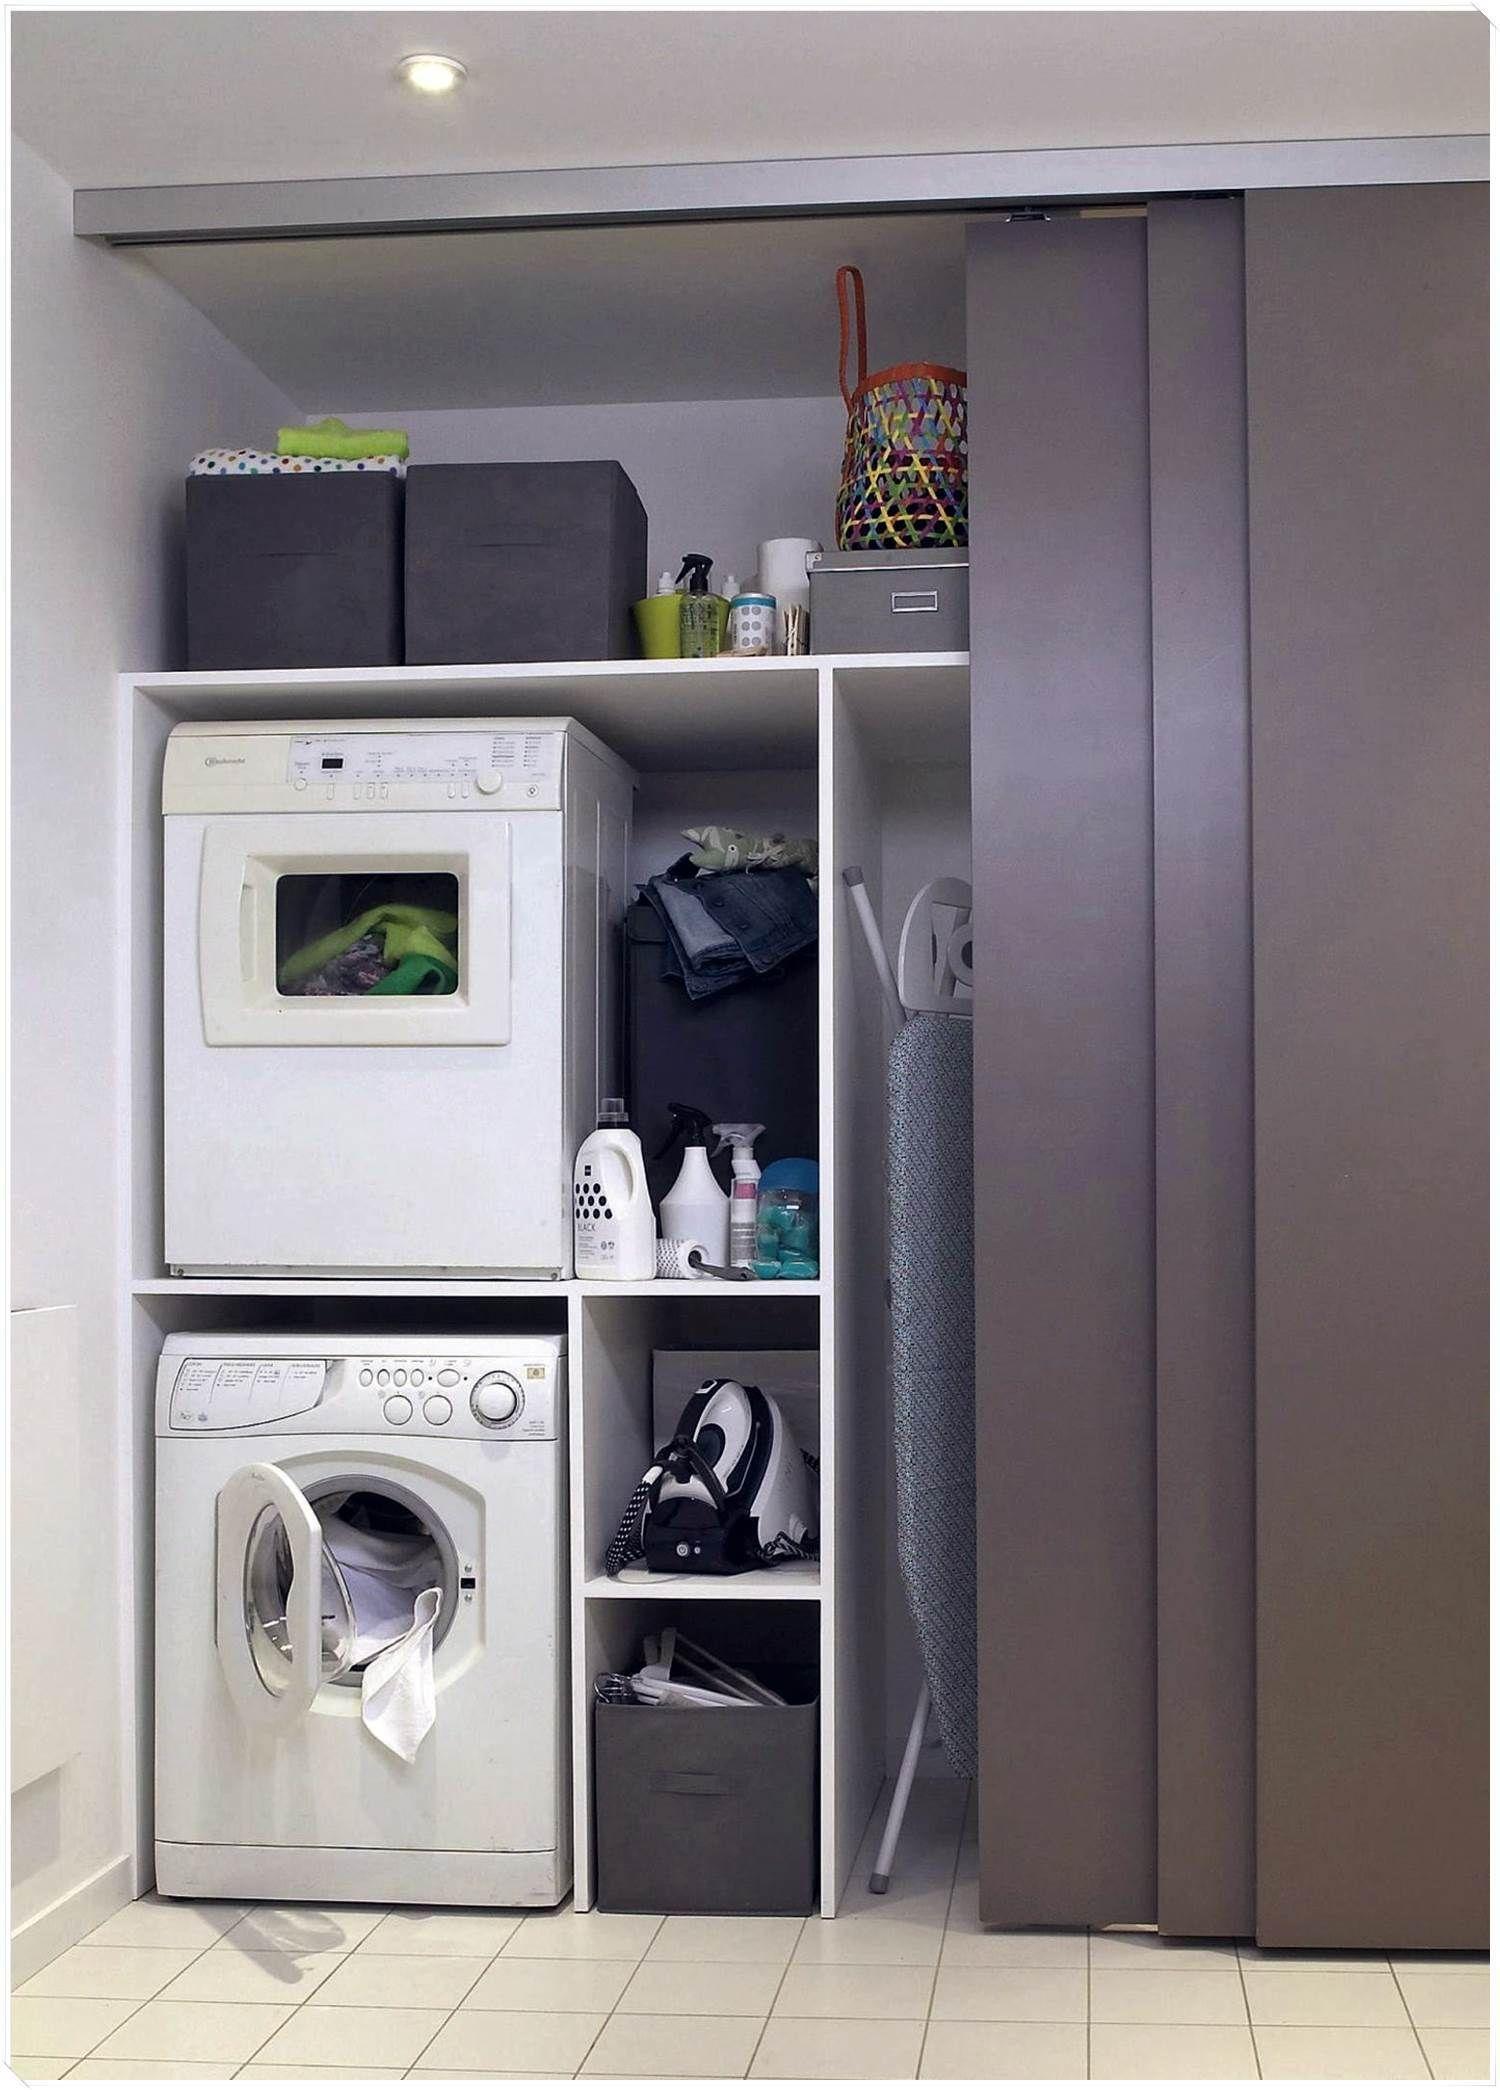 Attrayant De Maison Decoration Murale Vers Lave Linge Encastrable Ikea Aboutshiva Com Wasruimte Opslag Wasruimte Design Kleine Wasruimtes